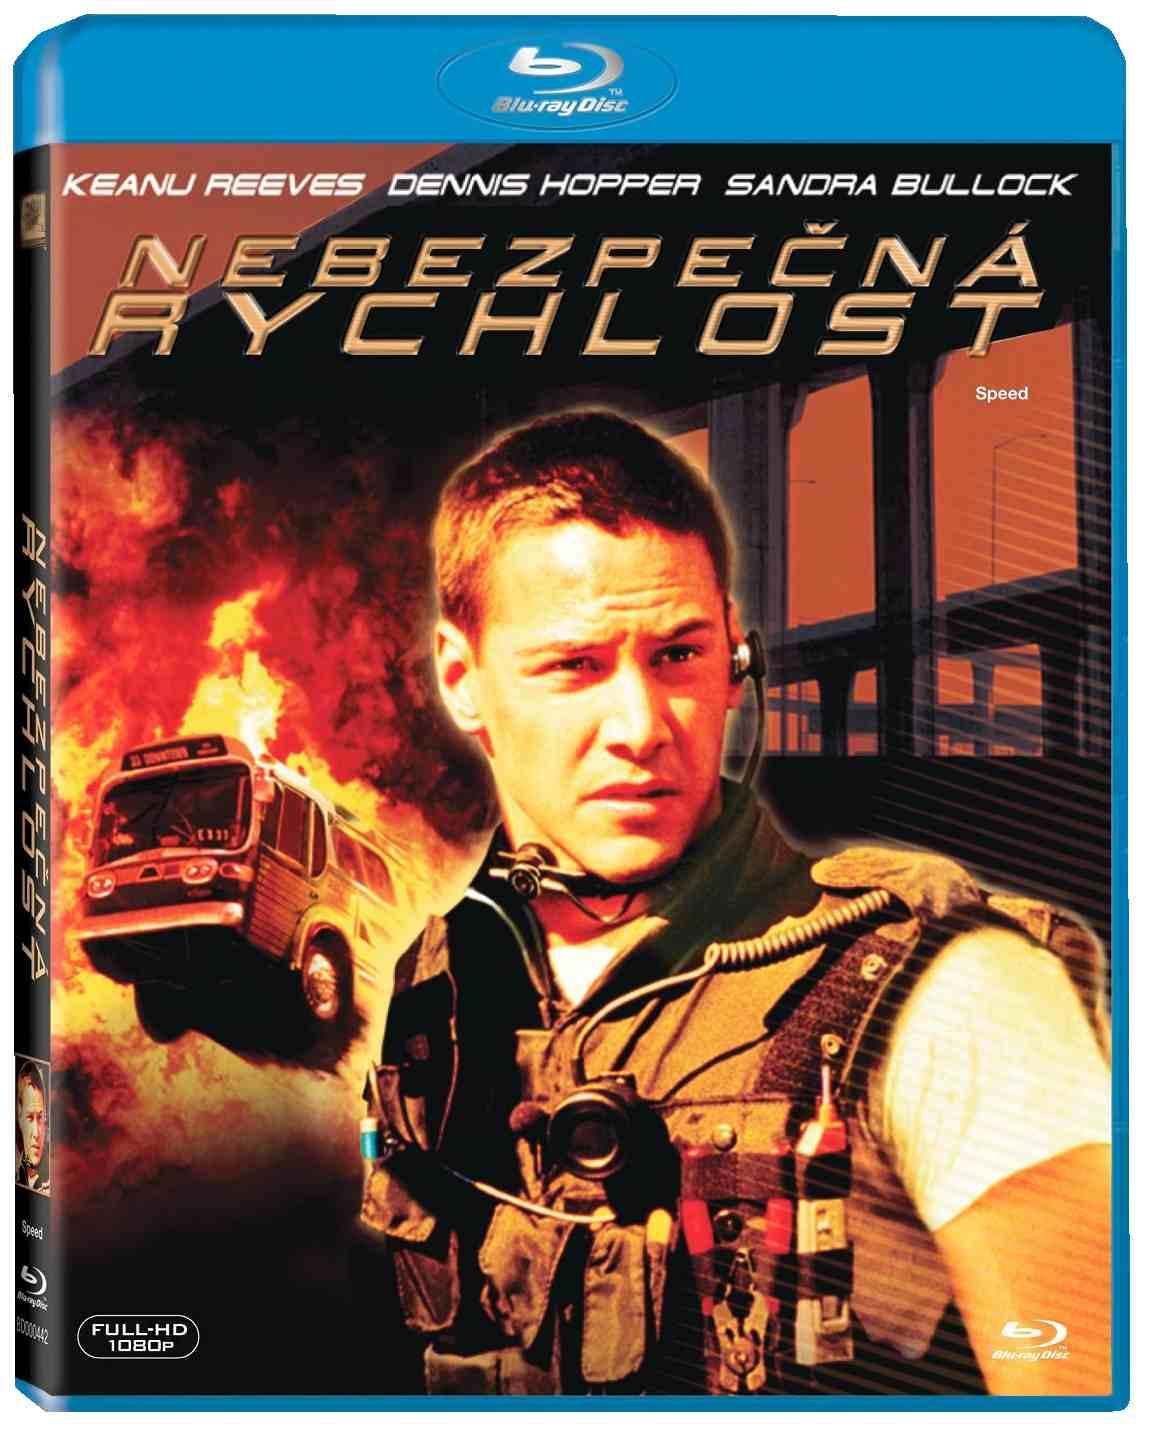 Nebezpečná rychlost - Blu-ray